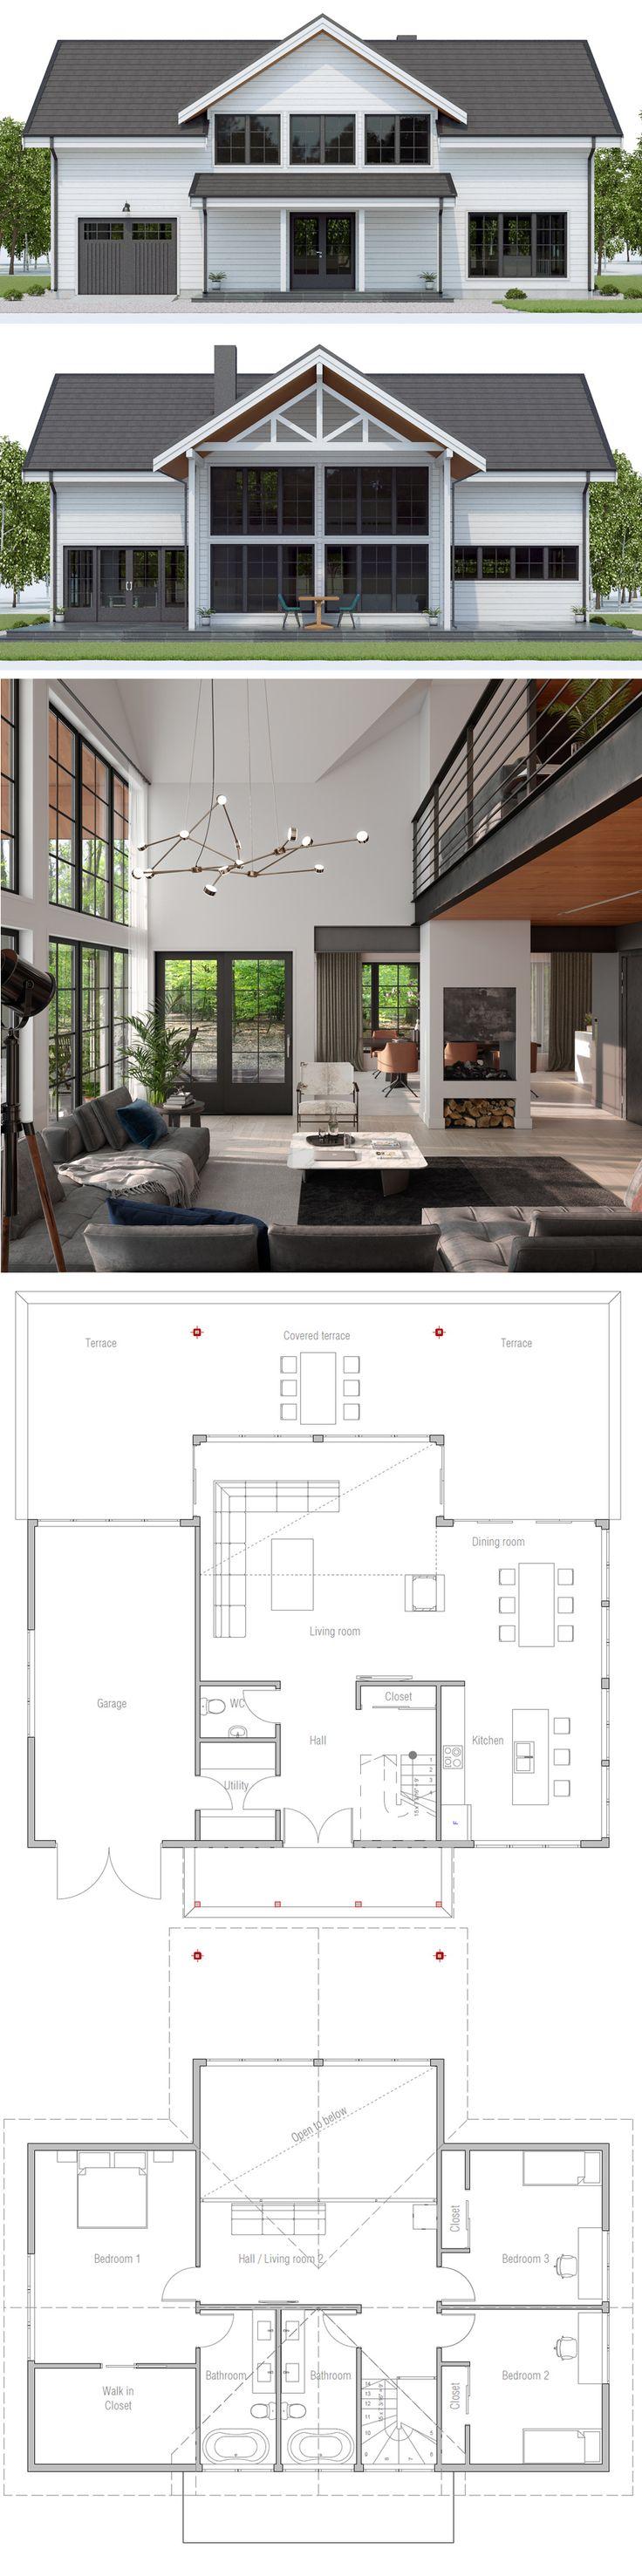 Small House Plan – Gitti